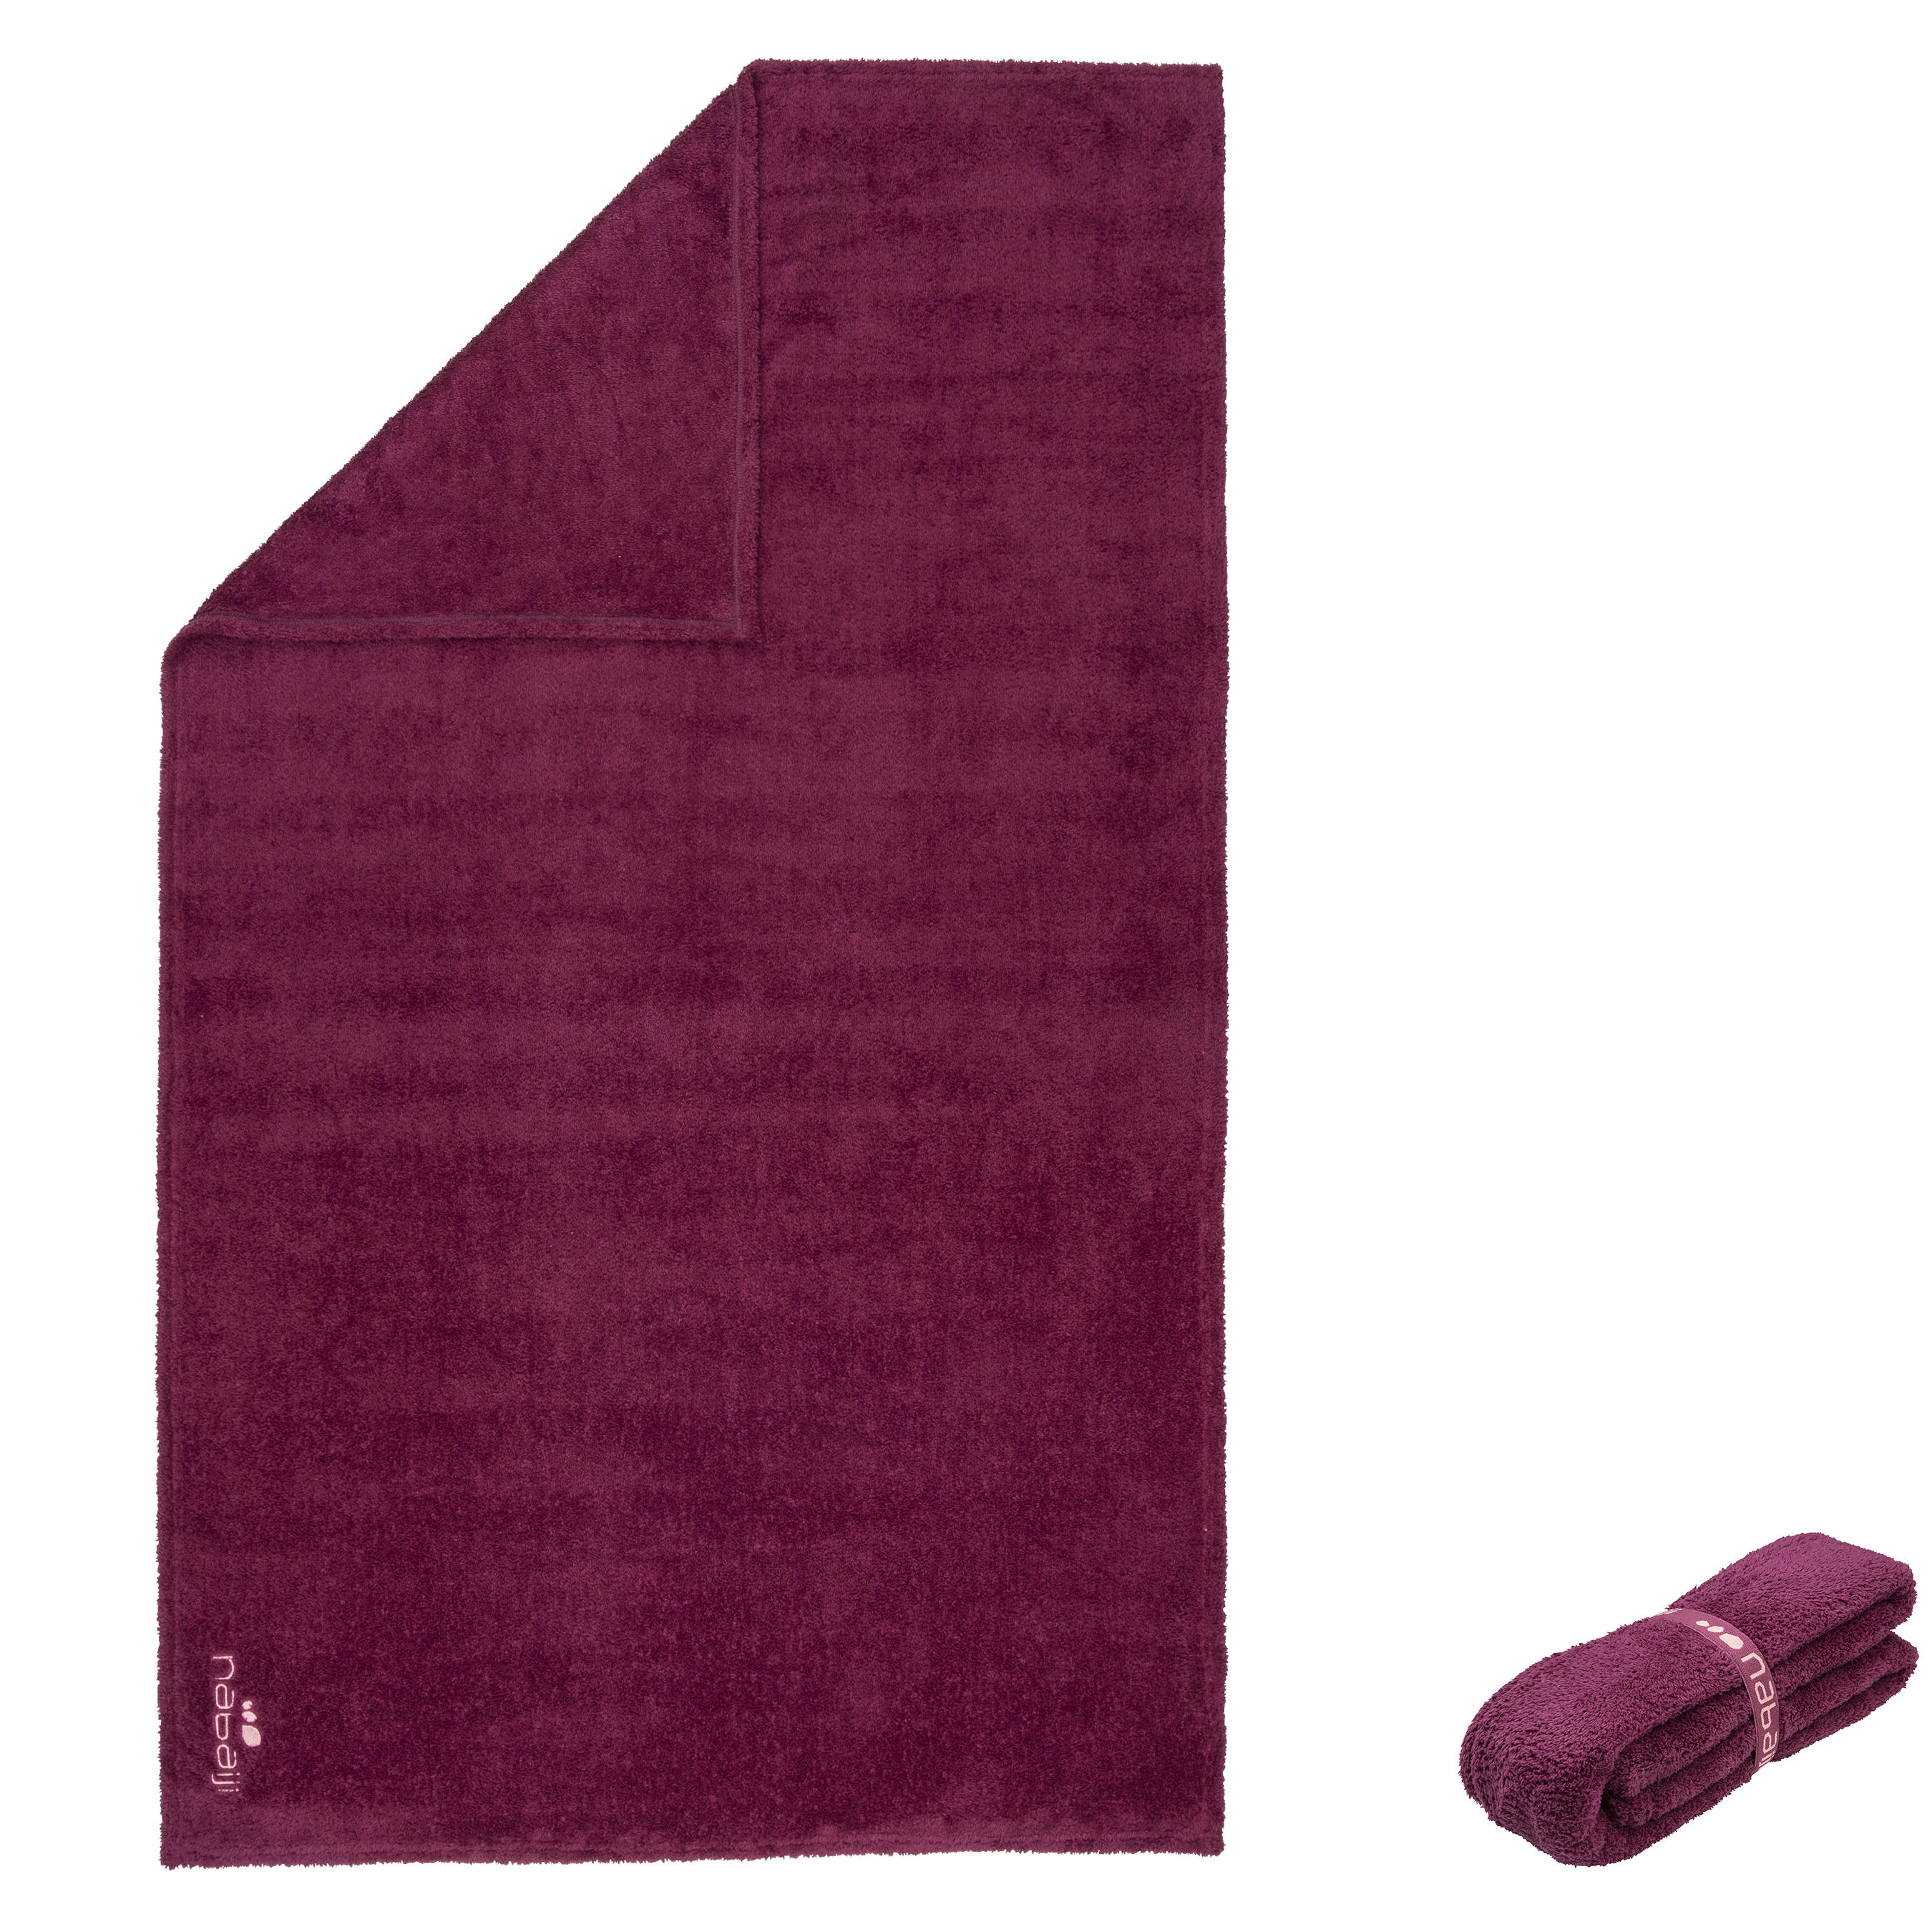 Ultra-Soft Microfibre Towel Size L 80 x 130 cm - Bordeaux